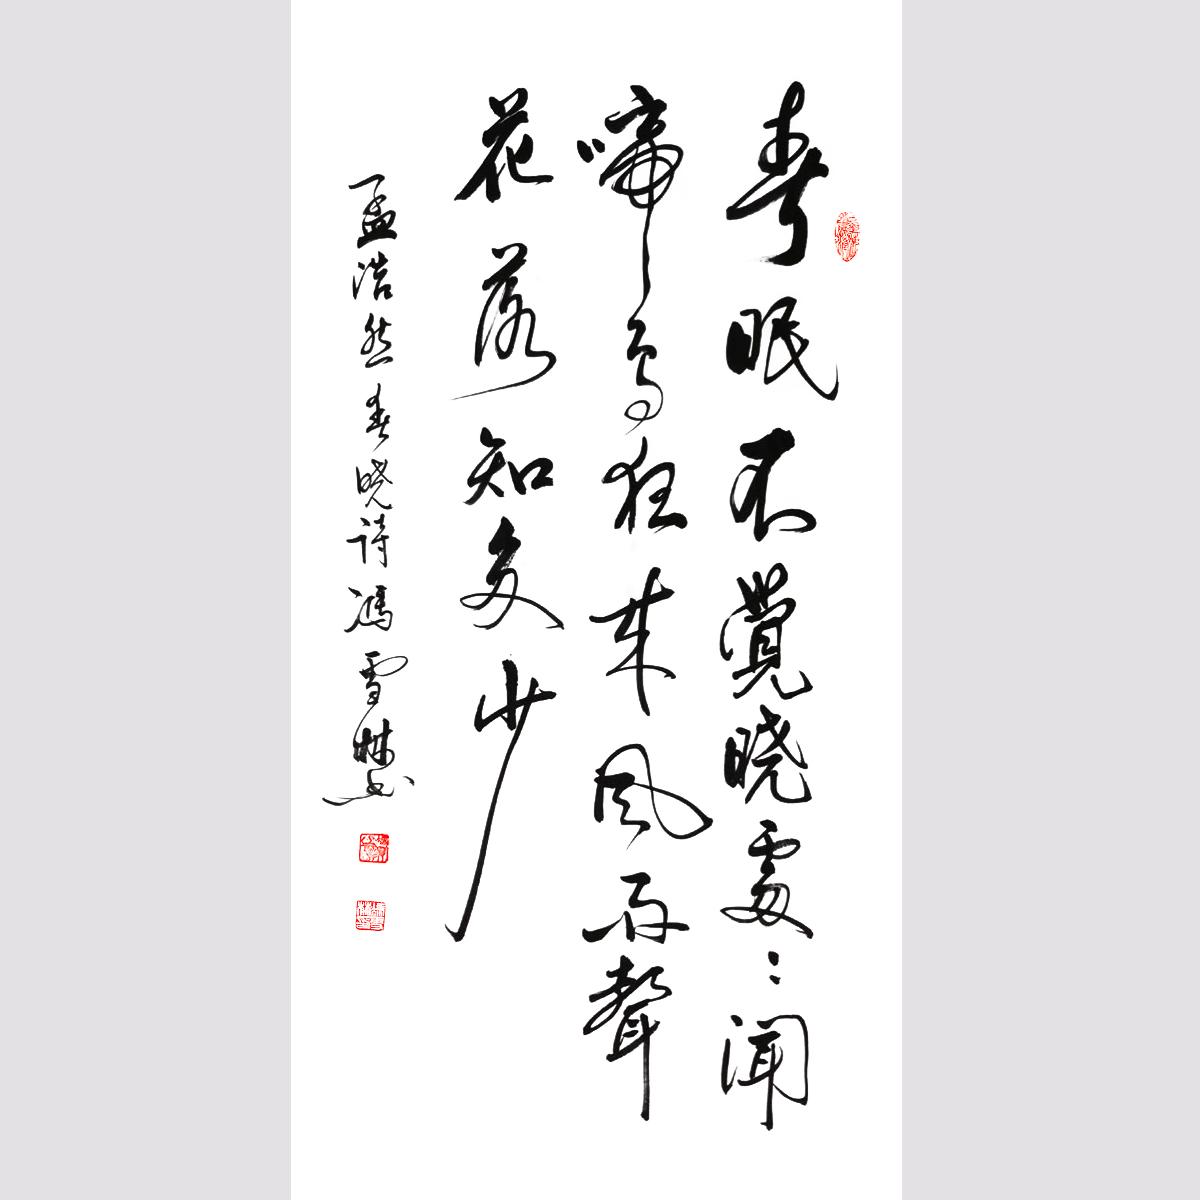 孟浩然《春晓》行书书法作品 著名五言绝句